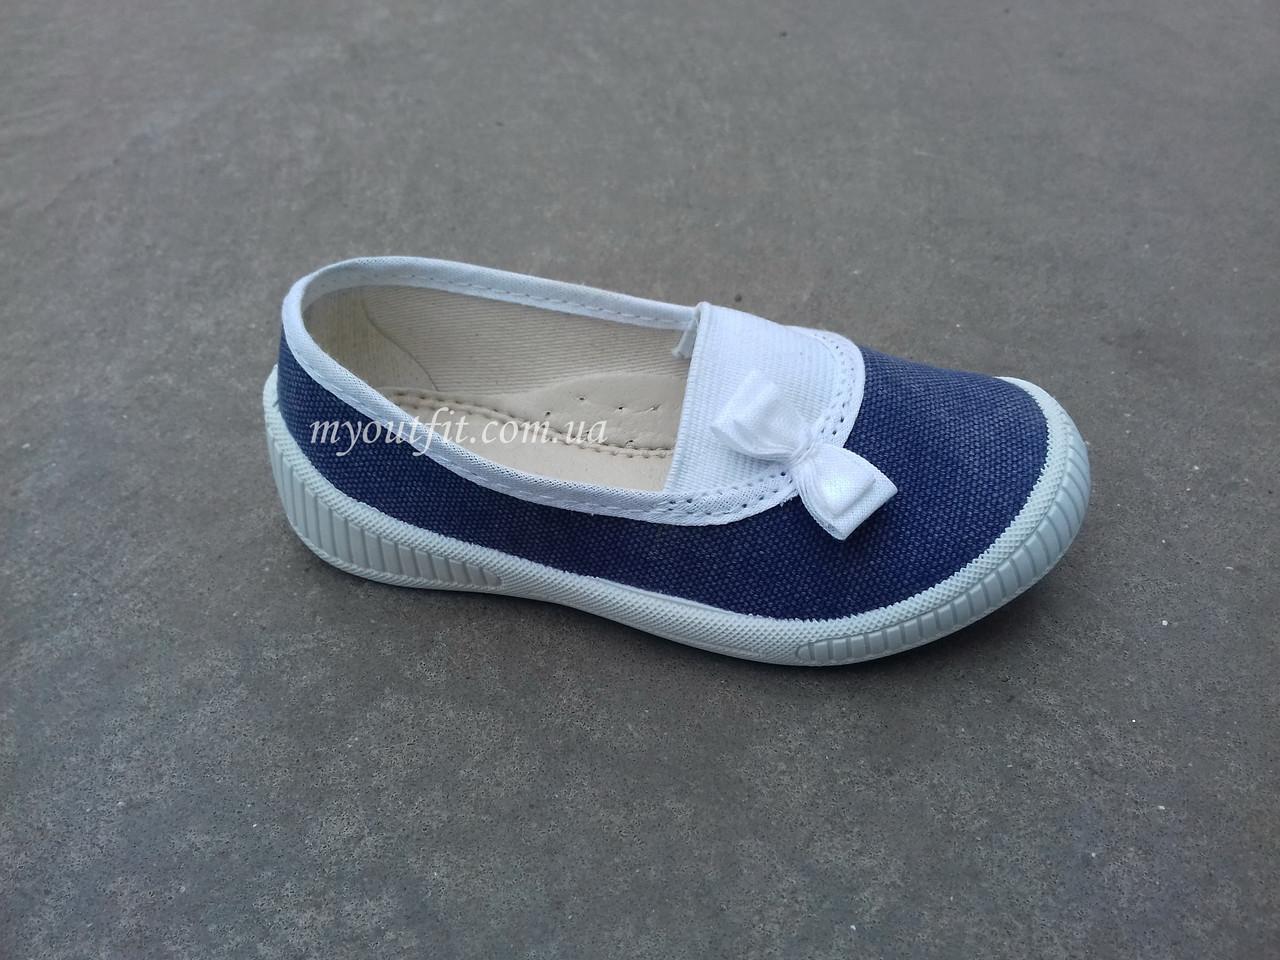 Детские туфли Джинсовые Размеры 21-26